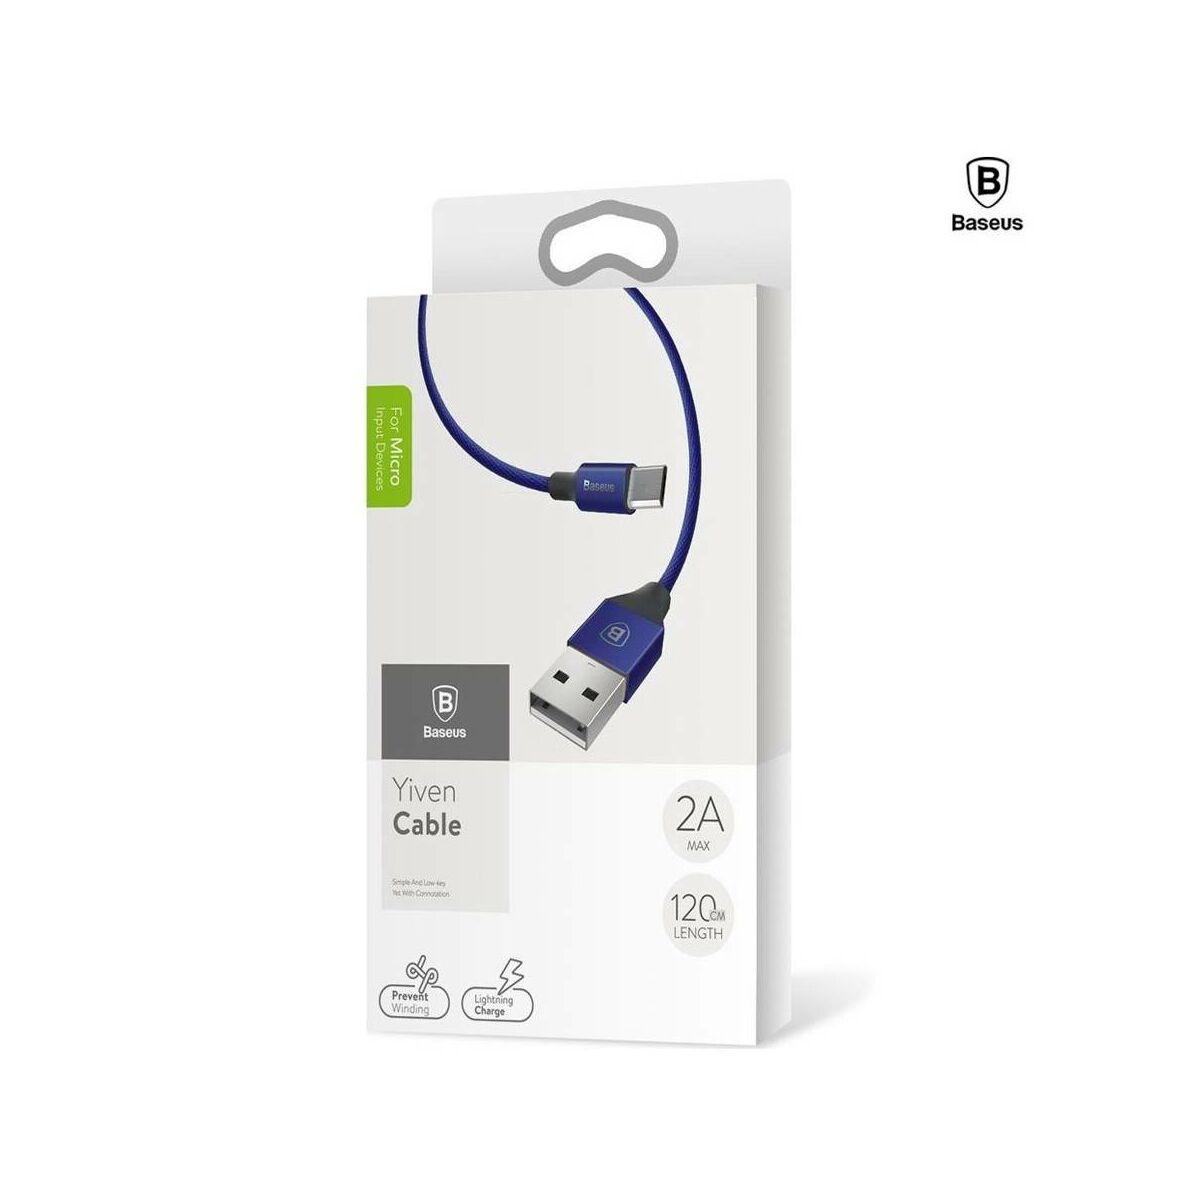 Baseus Micro USB kábel, Yiven kábel, 2A, 1m, sötétkék (CAMYW-A13)